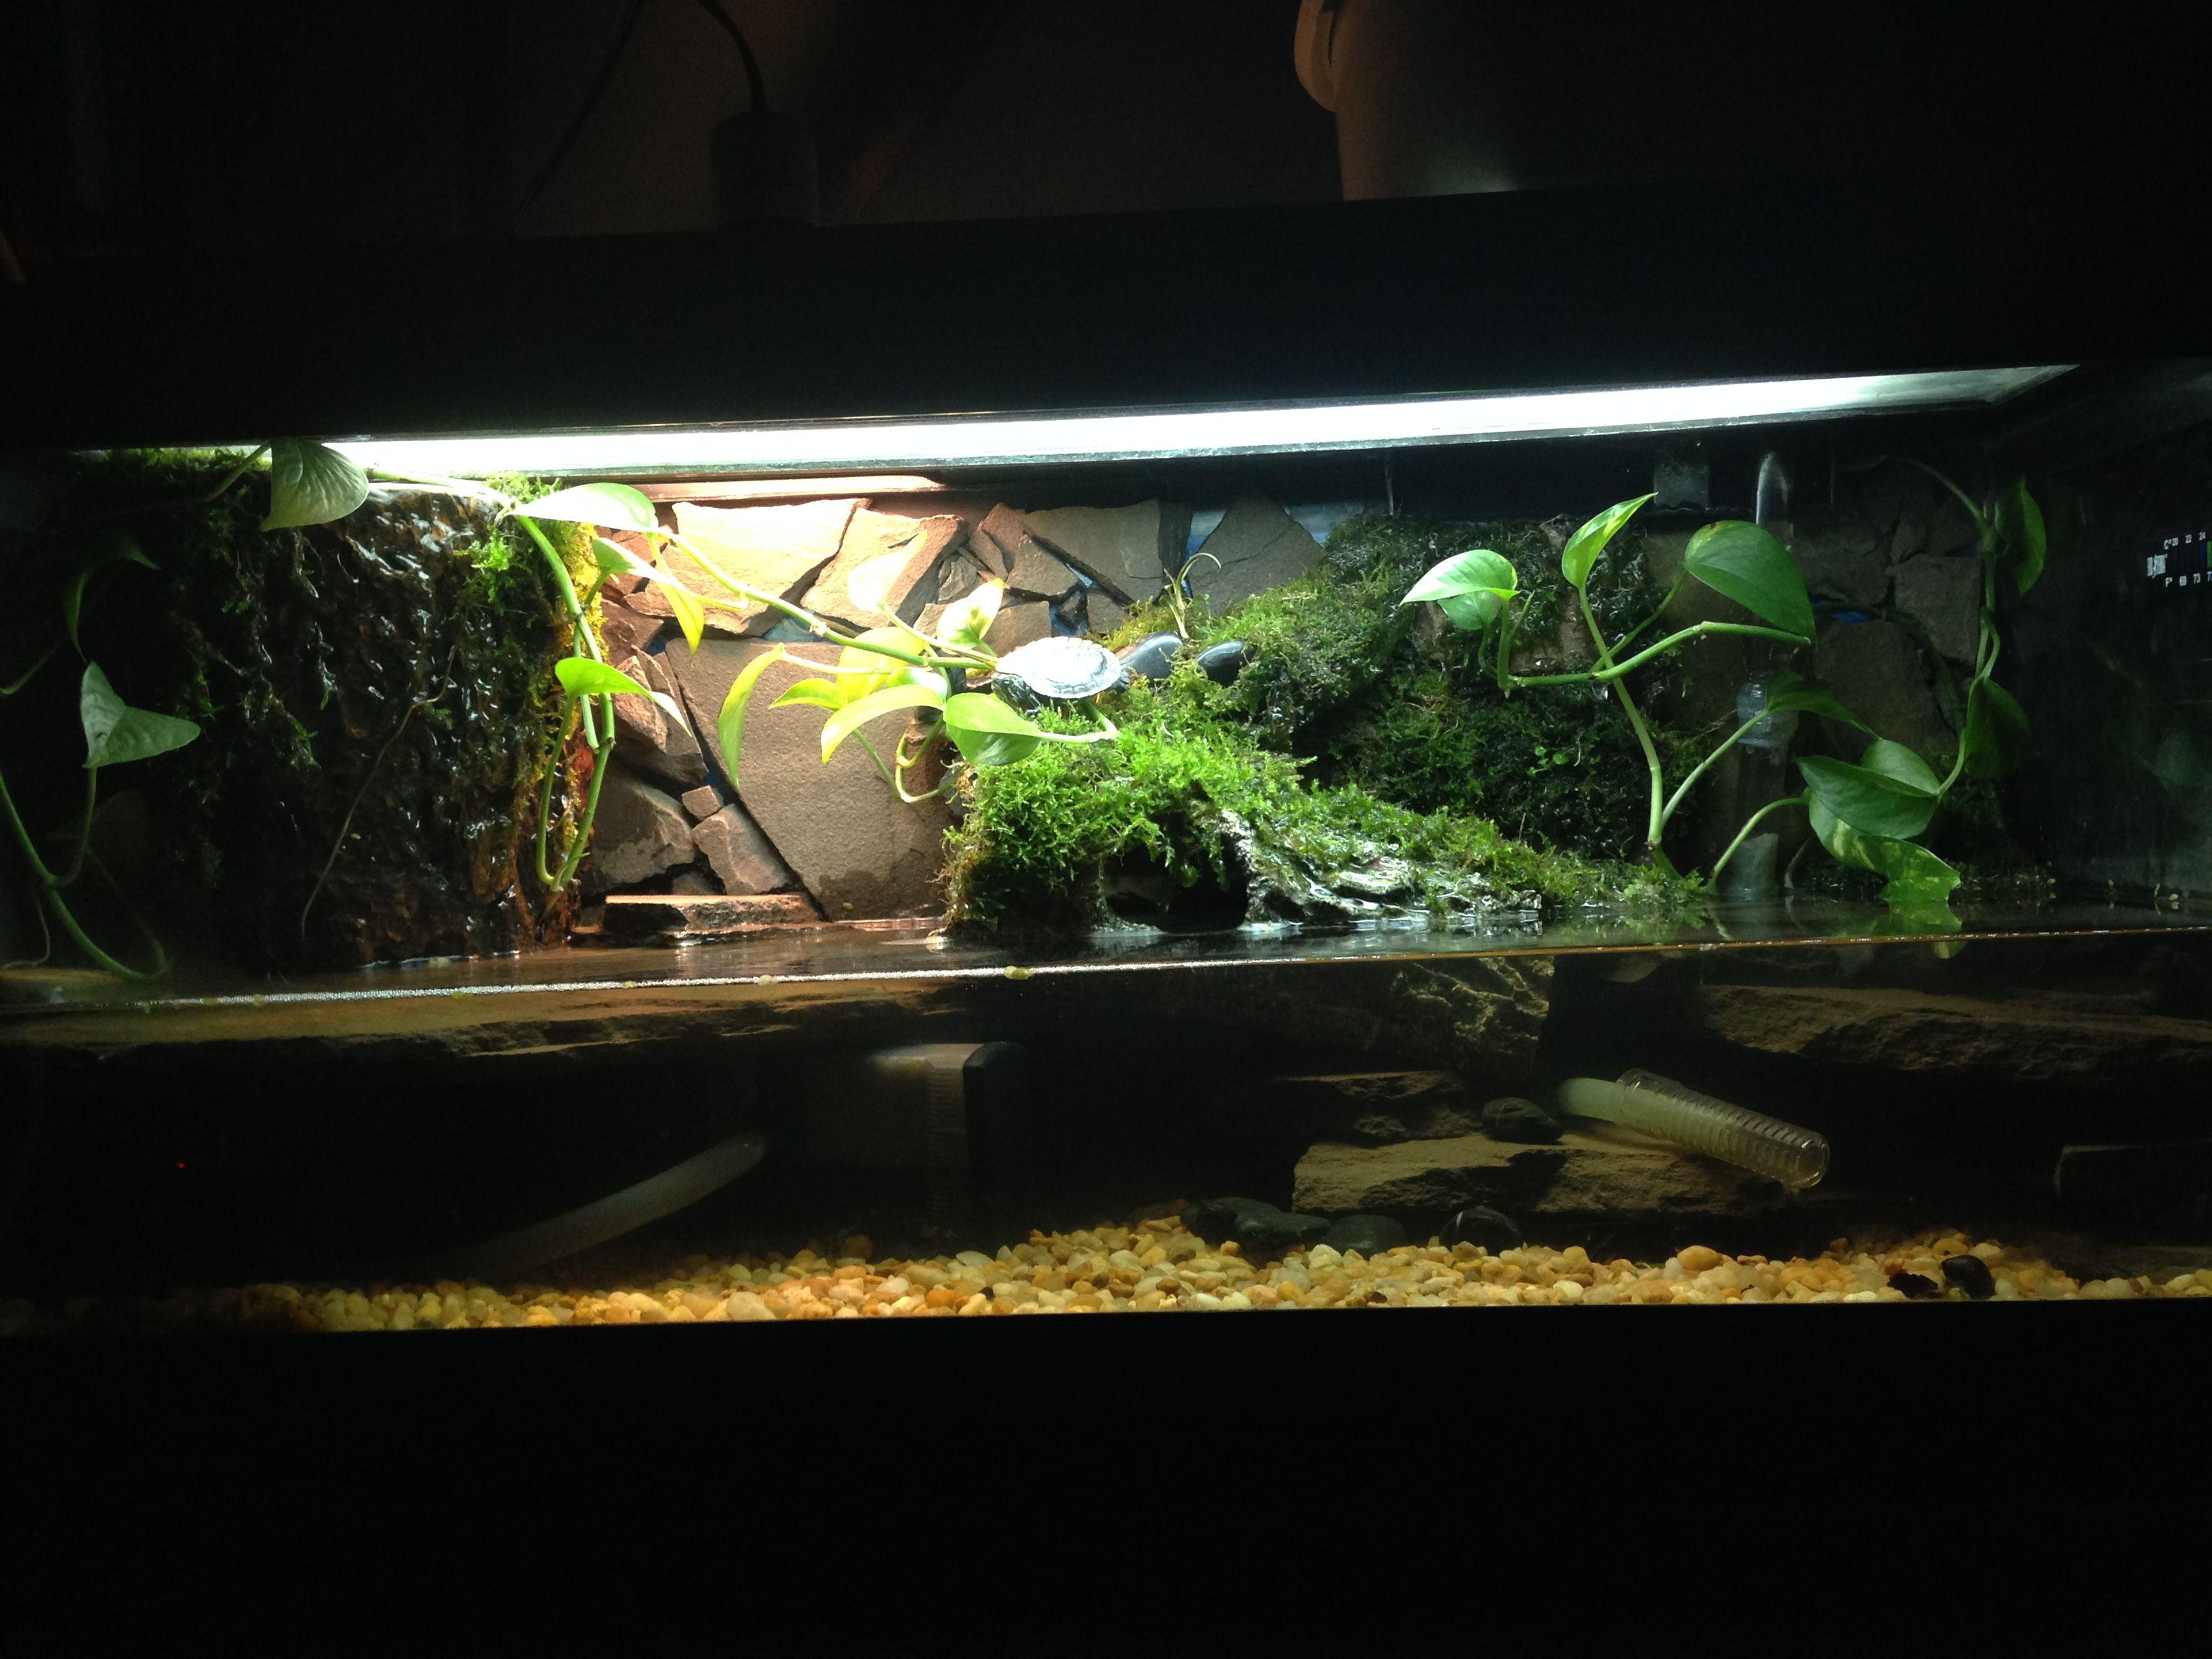 Miniature Turtle In Aqua Terrarium